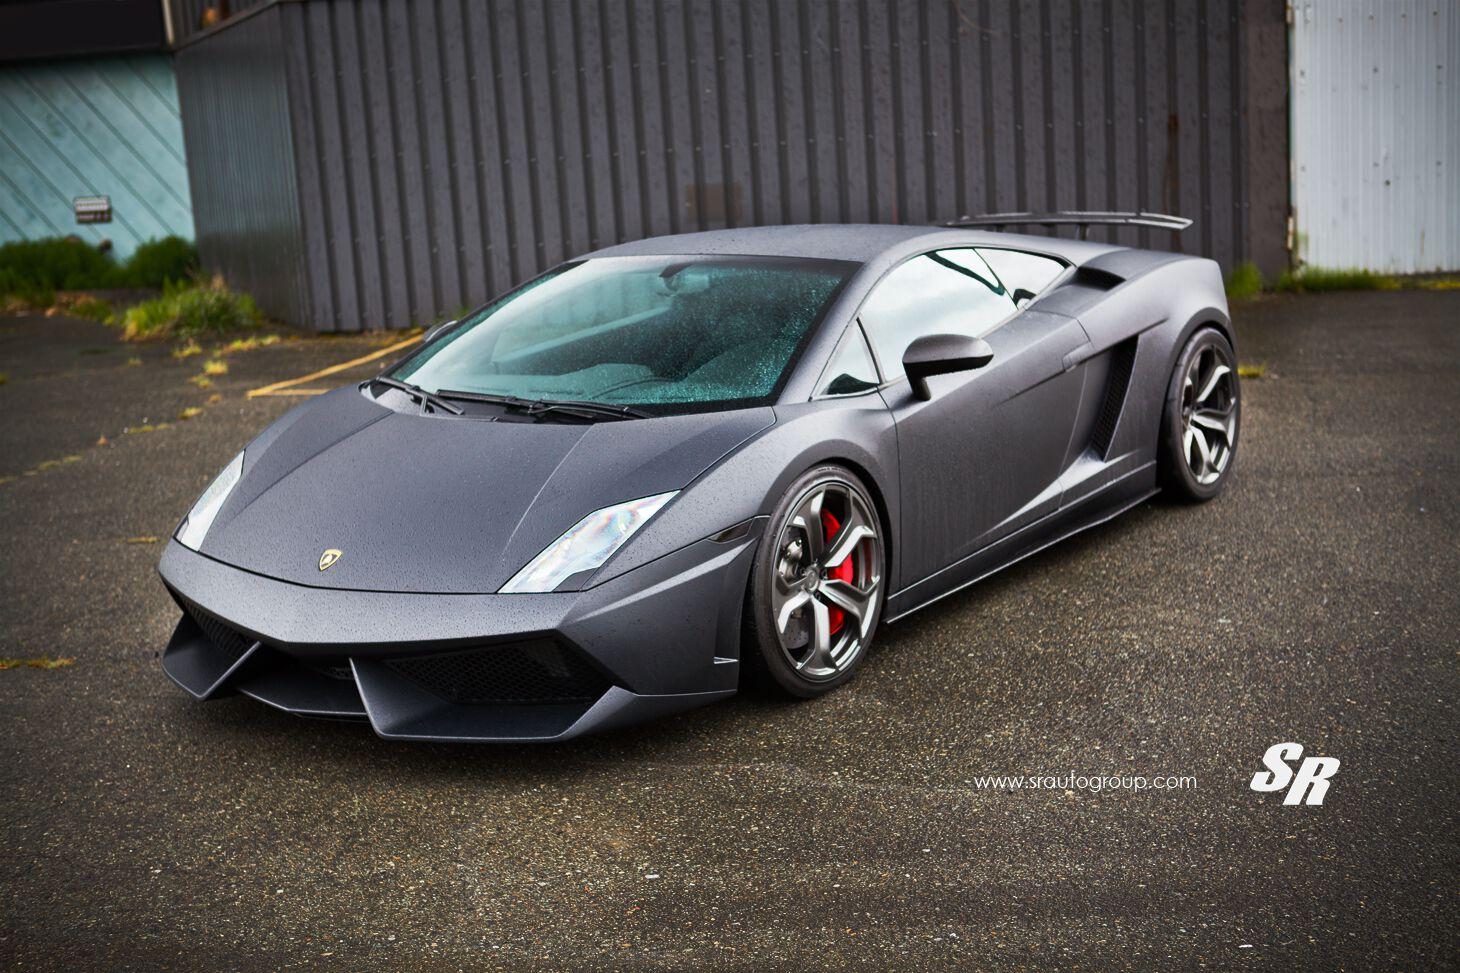 Sr Auto Underground Racing Tweak Lamborghini Gallardo Lp560 4